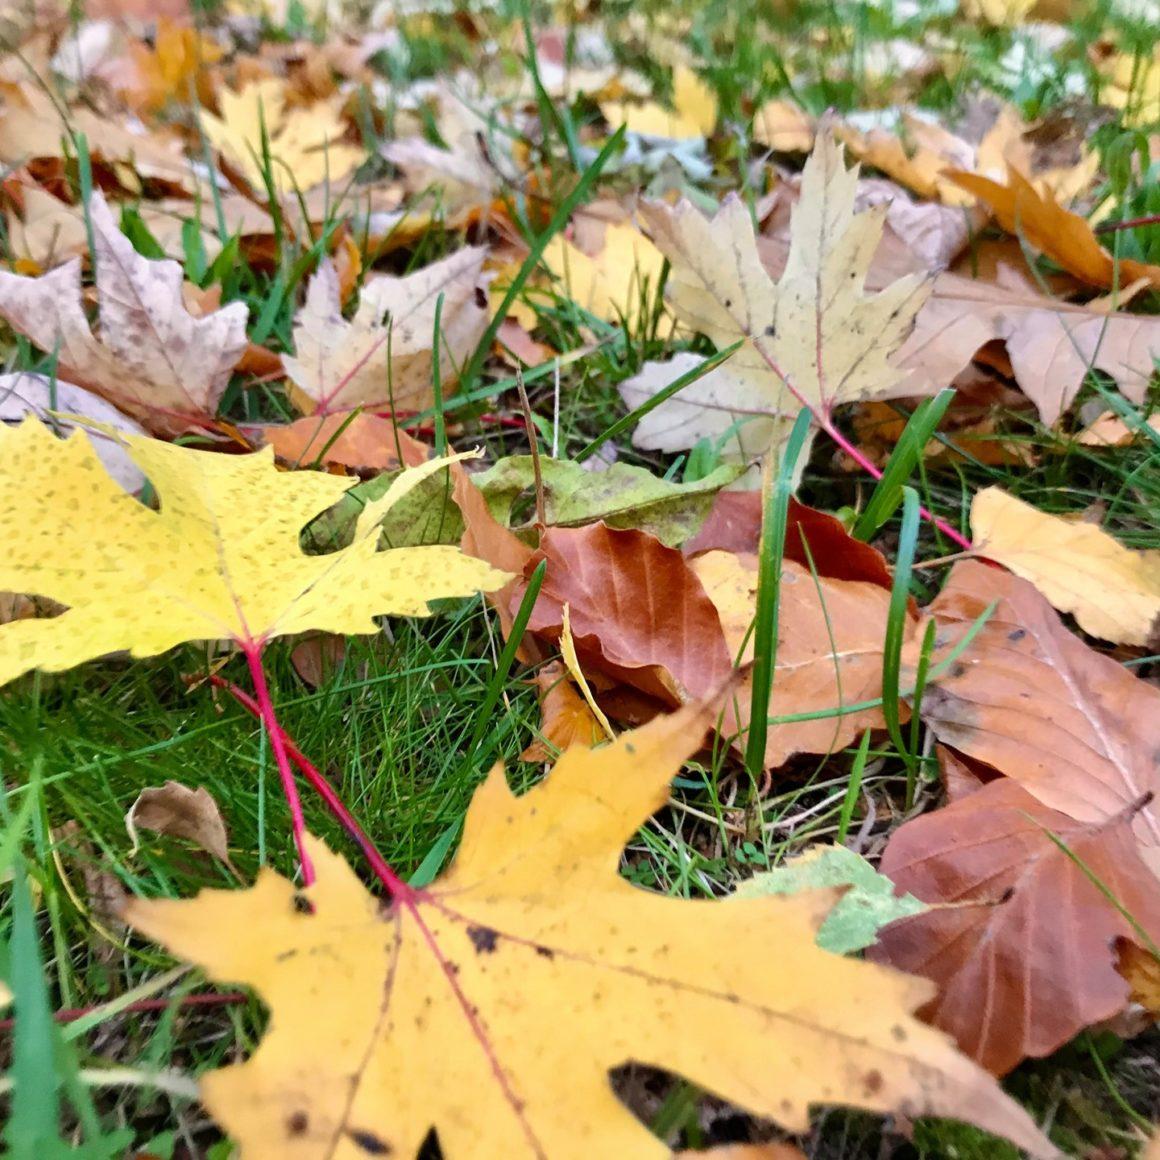 Wir wünschen euch allen heute einen frohen Feiertag. Genießt die schöne Herbst-Landschaft  und bleibt auf jeden Fall gesund.Wir sehen uns sicherlich bald wieder gewohnt im Theater. Über aktuelle Neuerungen halten wir euch hier auf dem Laufenden #herbst #reformationstag #feiertag #theater #bleibtgesund #bisbald